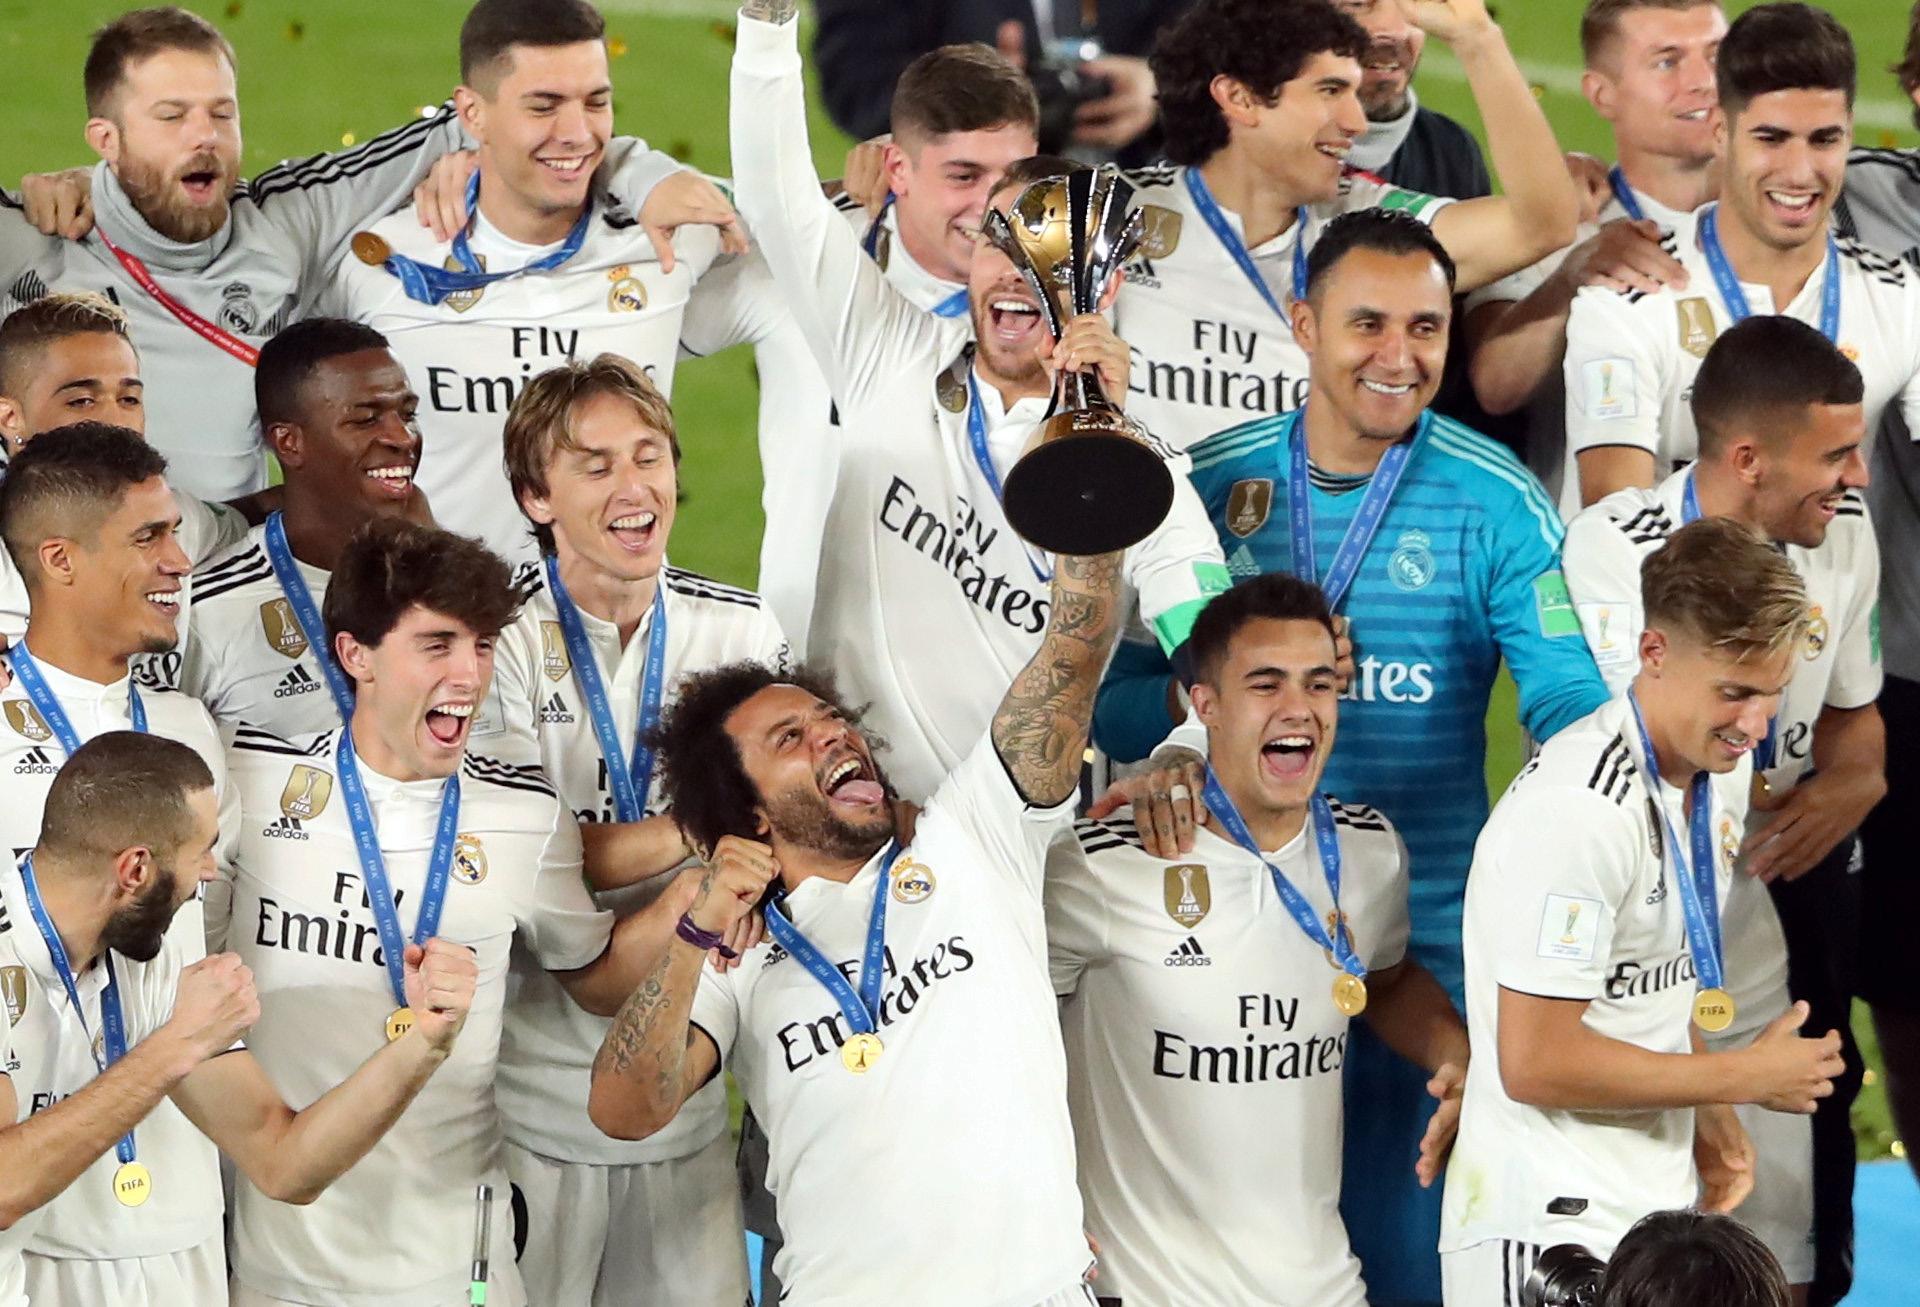 Los jugadores se quedaron con el trofeo tras vencer al Al Ain en la finalEl Real Madrid venció al Kashima Antlers en semifinales